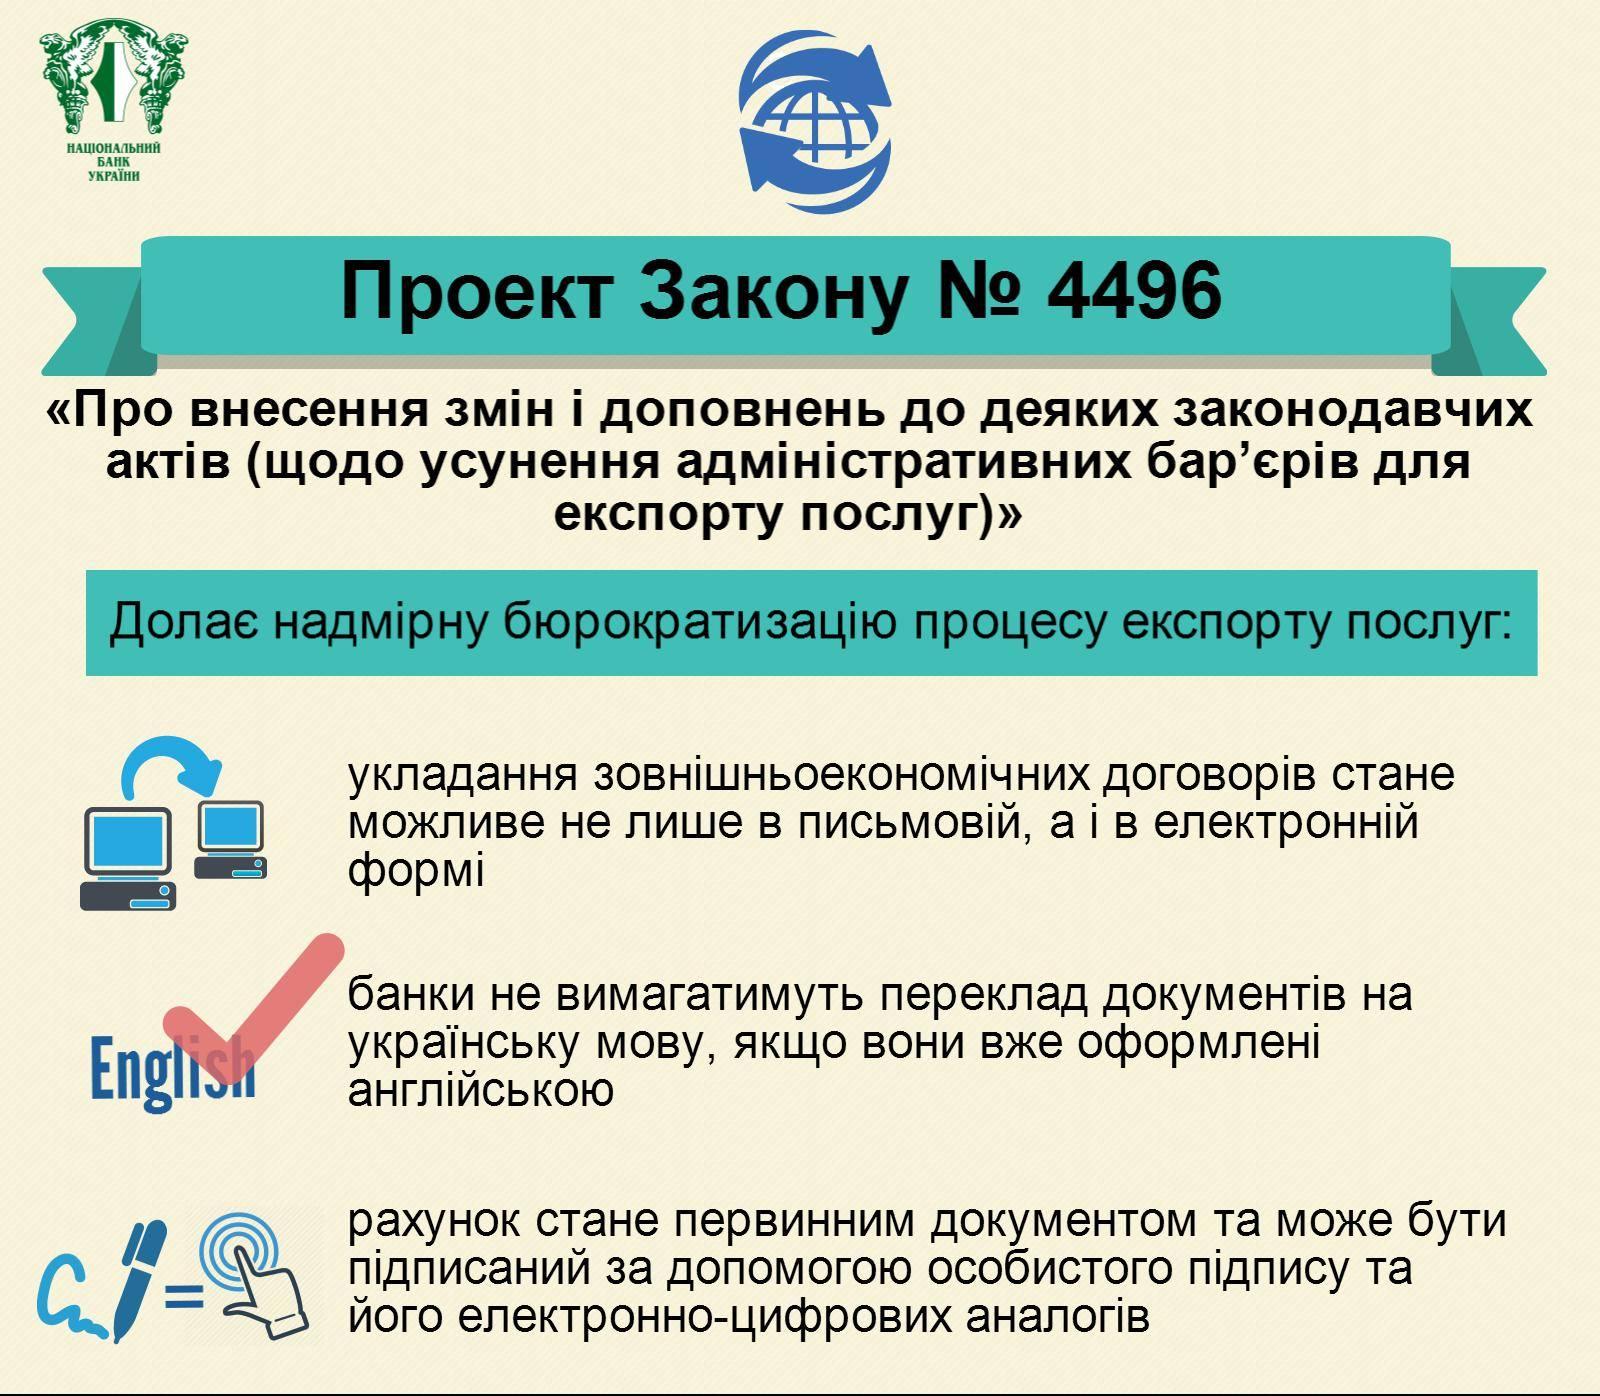 Рада спростила експорт послуг для IT-індустрії та фрілансерів